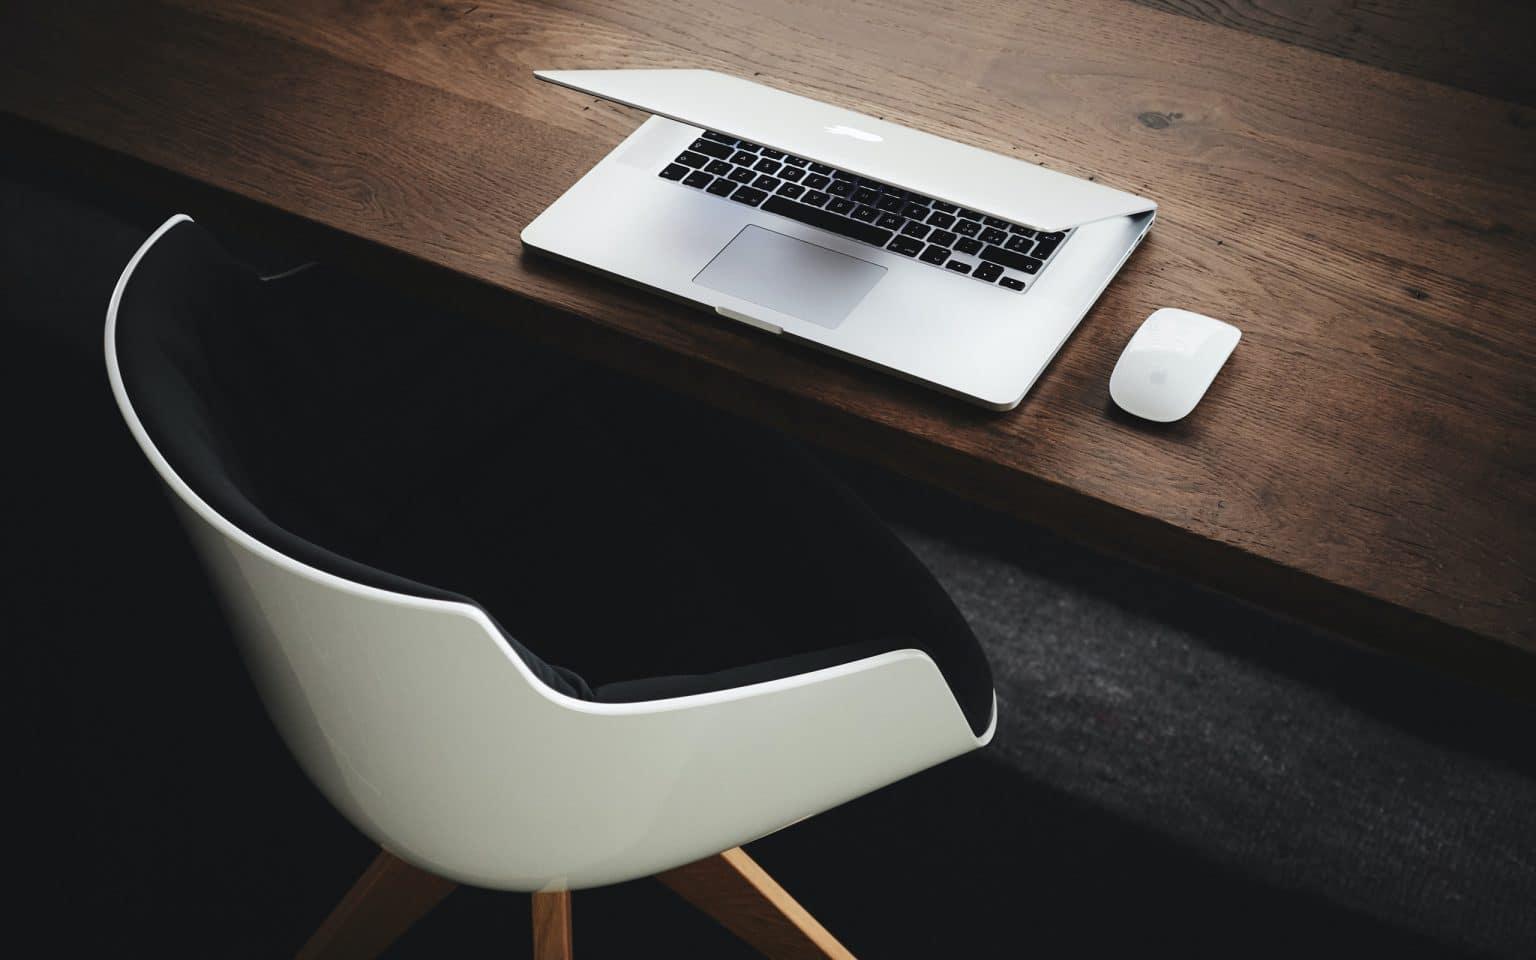 Kannettava tietokone ja hiiri pöydällä